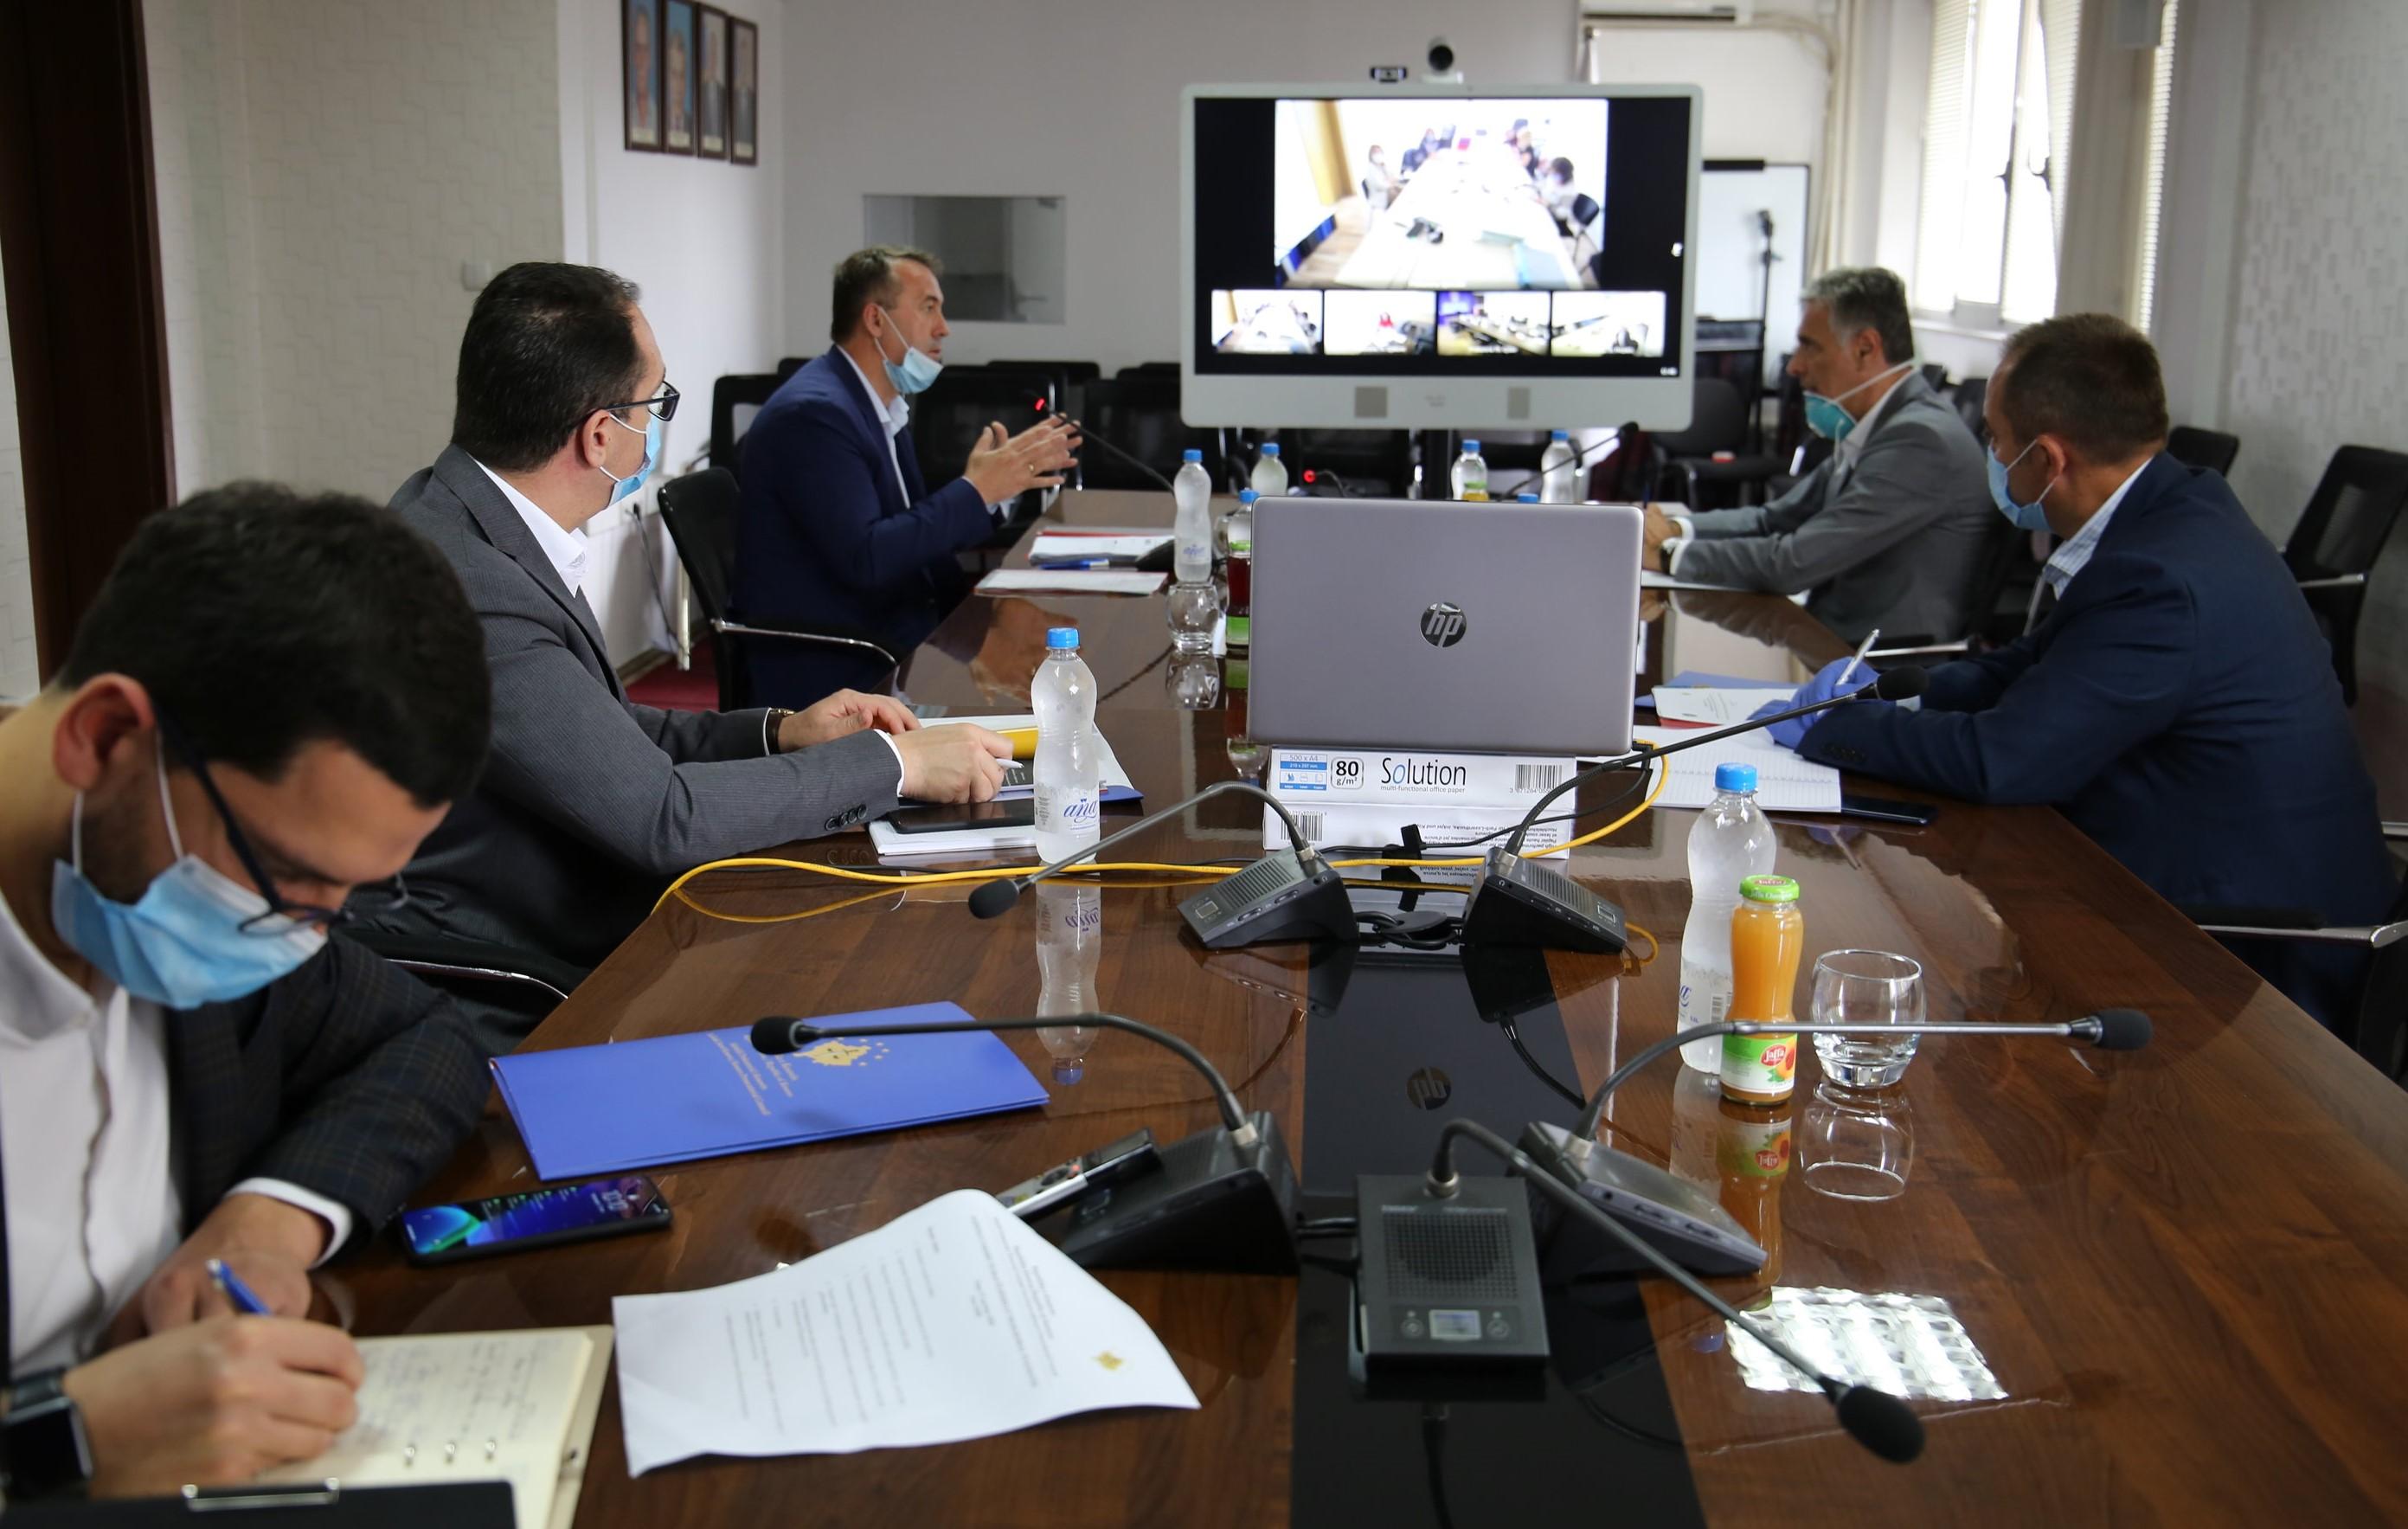 Mbahet takimi i radhës i Këshillit Prokurorial të Kosovës